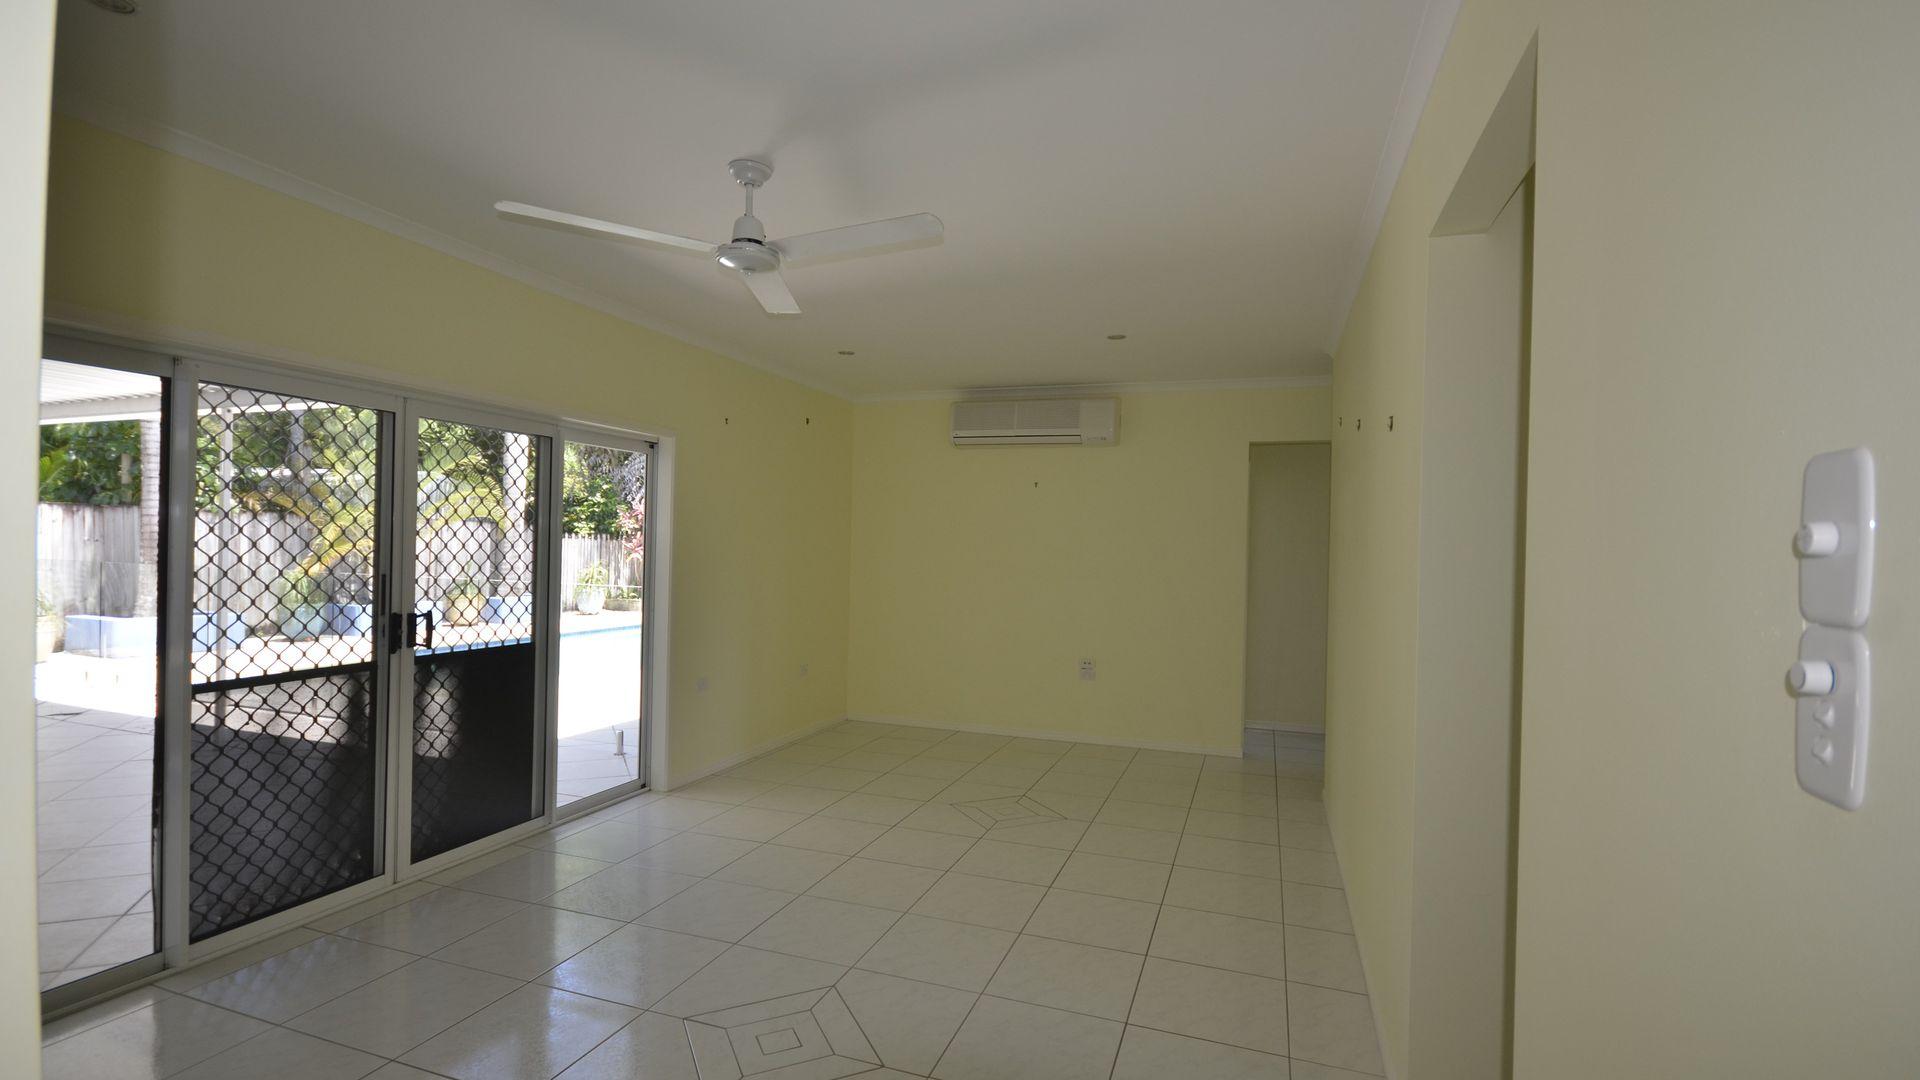 9 jirimandi, Wonga Beach QLD 4873, Image 2